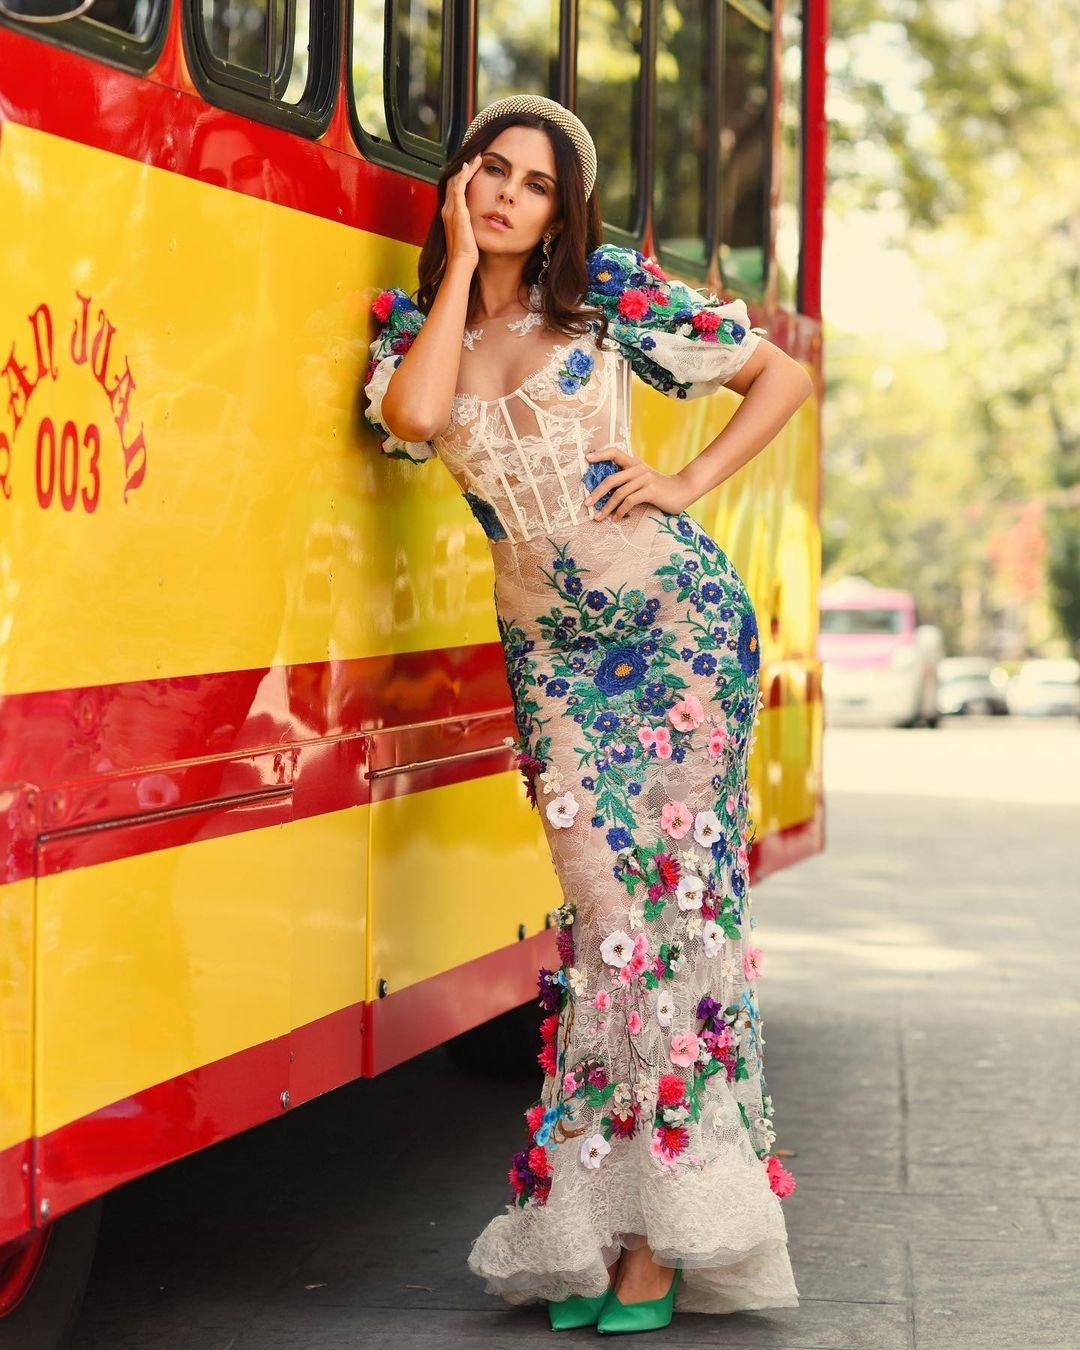 NK | Настя Каменских впечатлила новыми снимками в роскошном образе мексиканки - фото №3